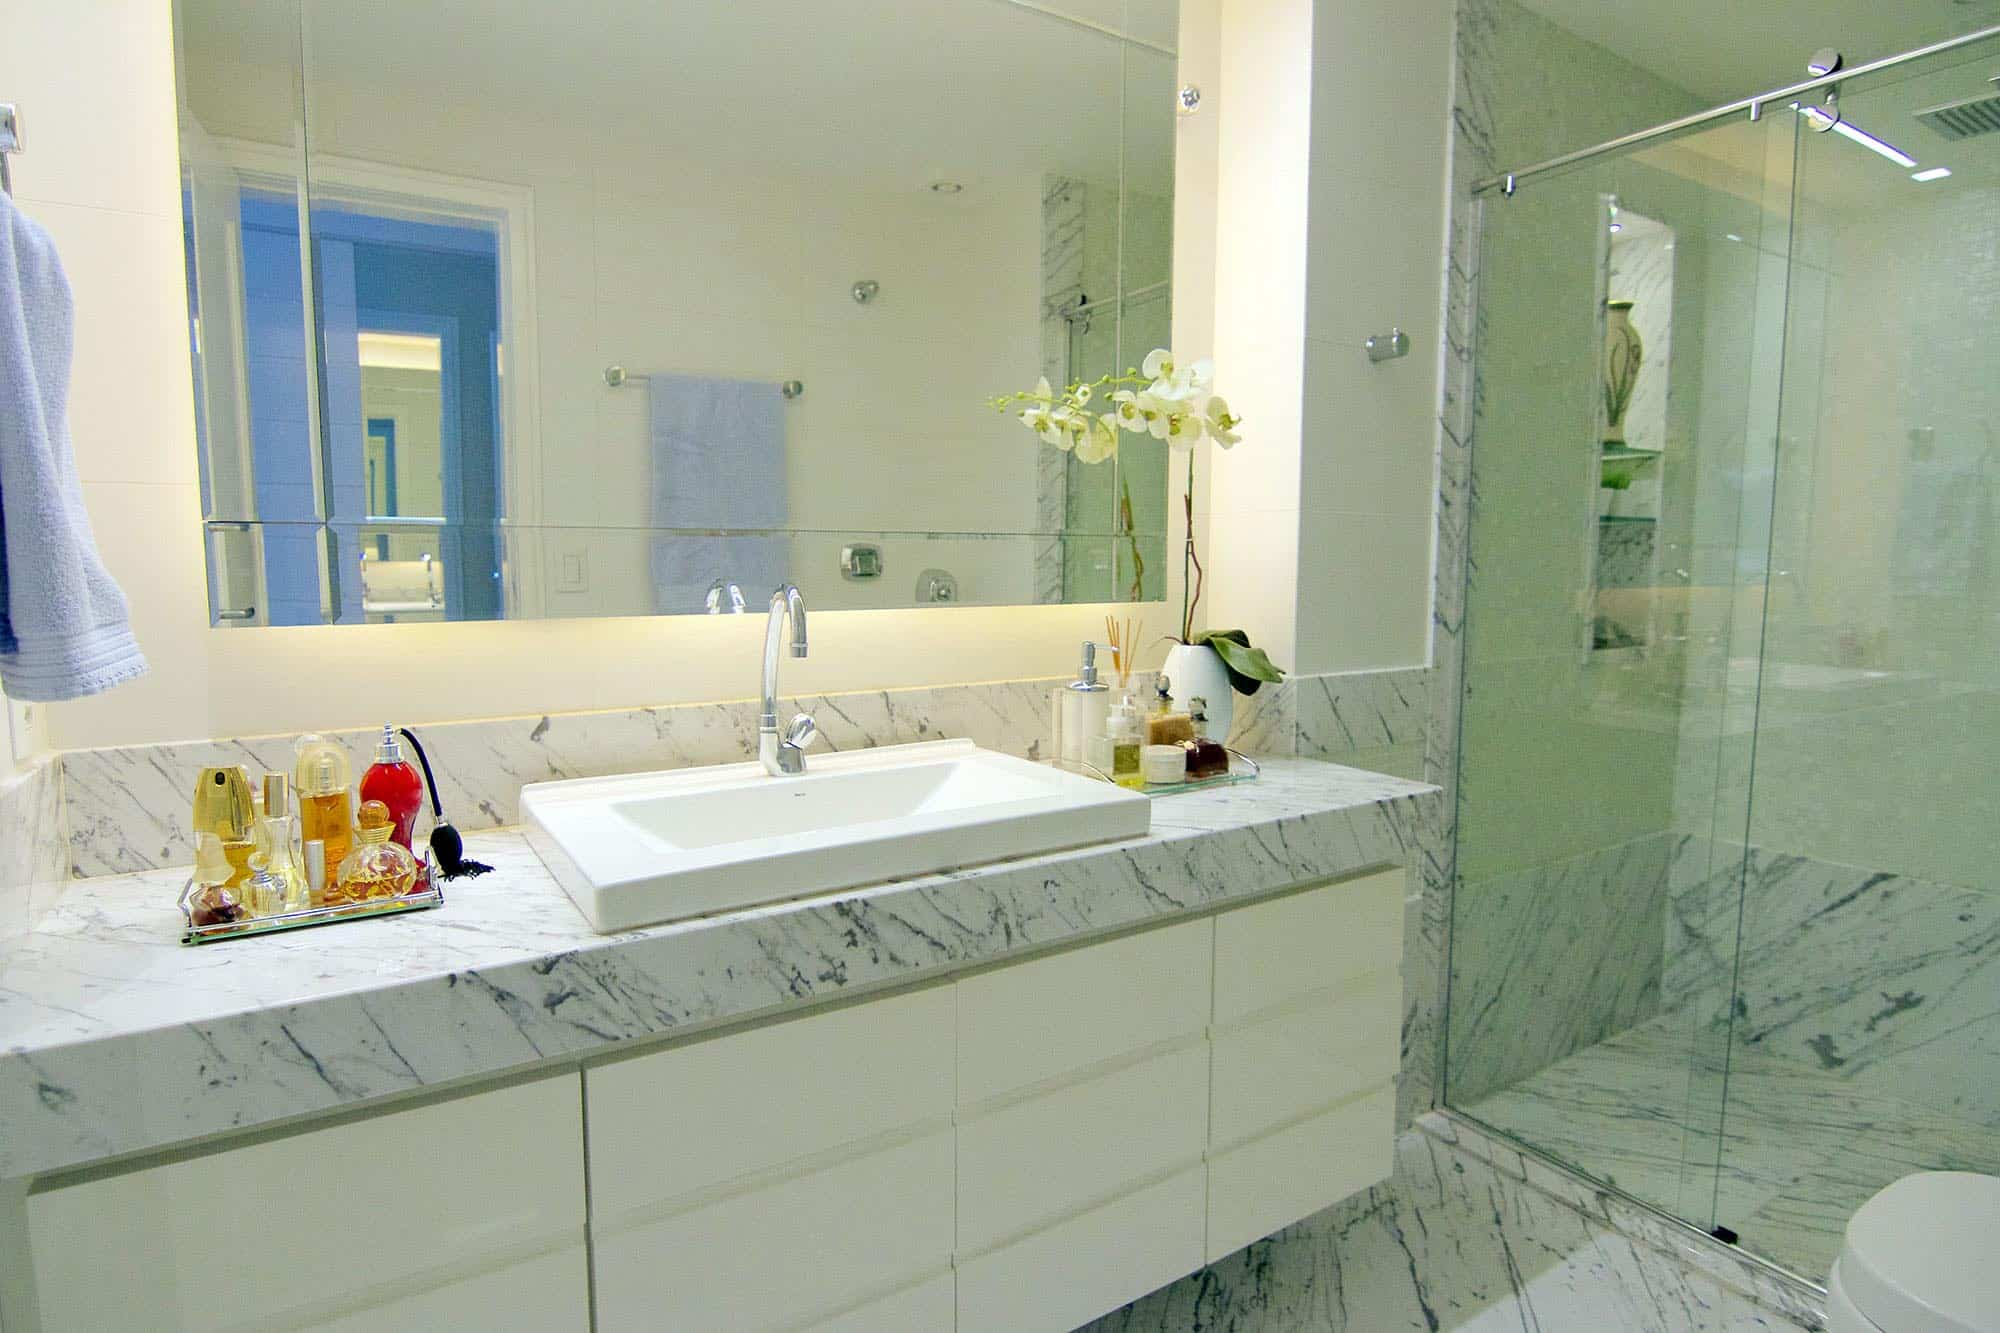 Tipos de pedras mármore e granitos brancos para cozinhas e banheiros #456E85 2000x1333 Banheiro De Marmore Branco